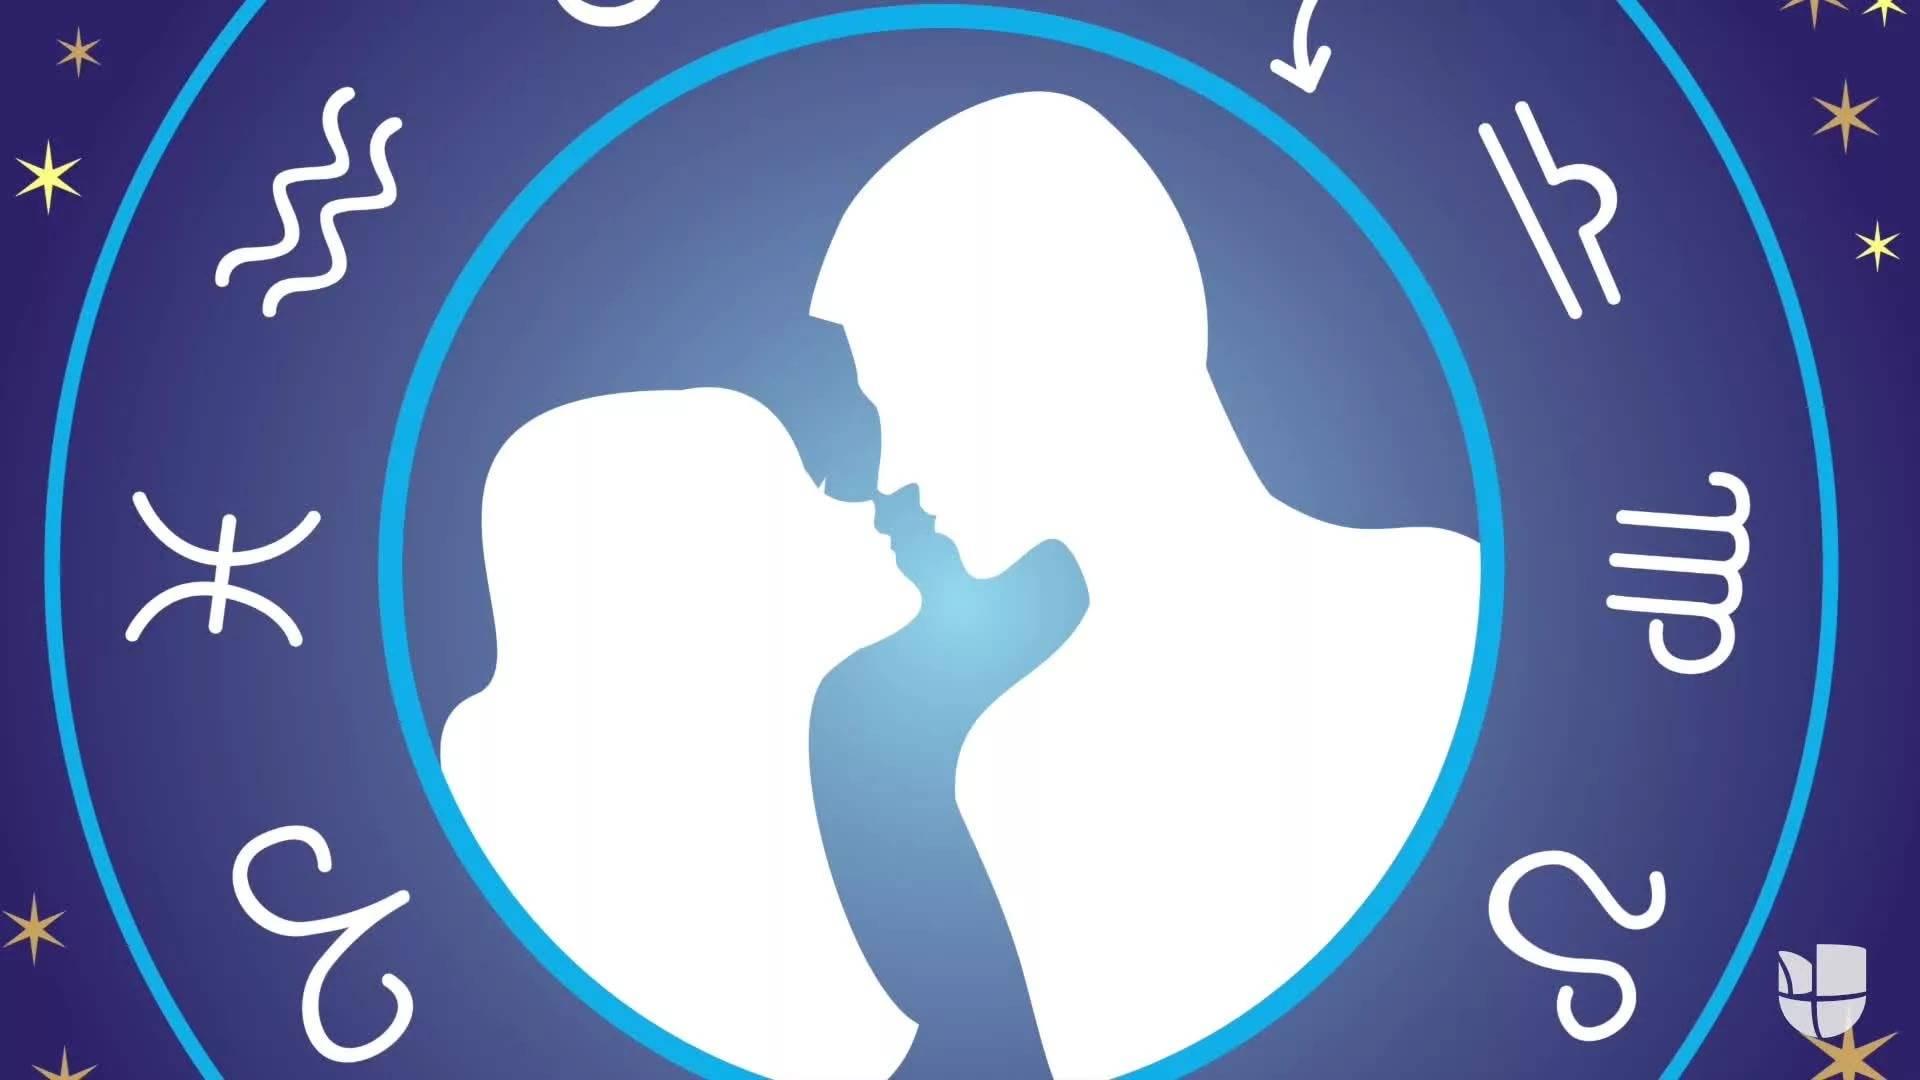 Любовный гороскоп на сентябрь 2020 для всех знаков зодиака